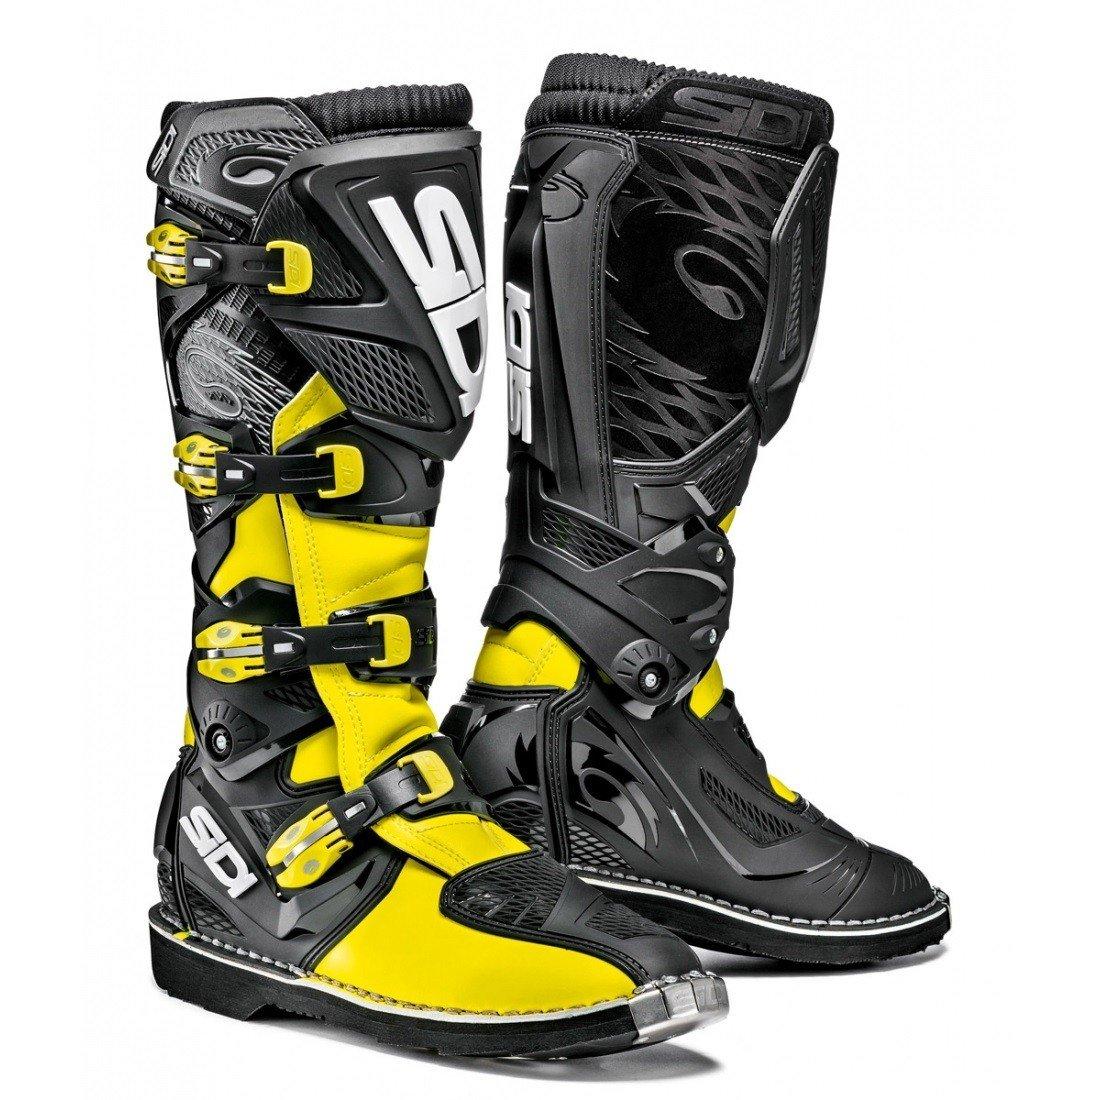 Pánské motokrosové boty SIDI X3 (neonově žluto/černé) 42